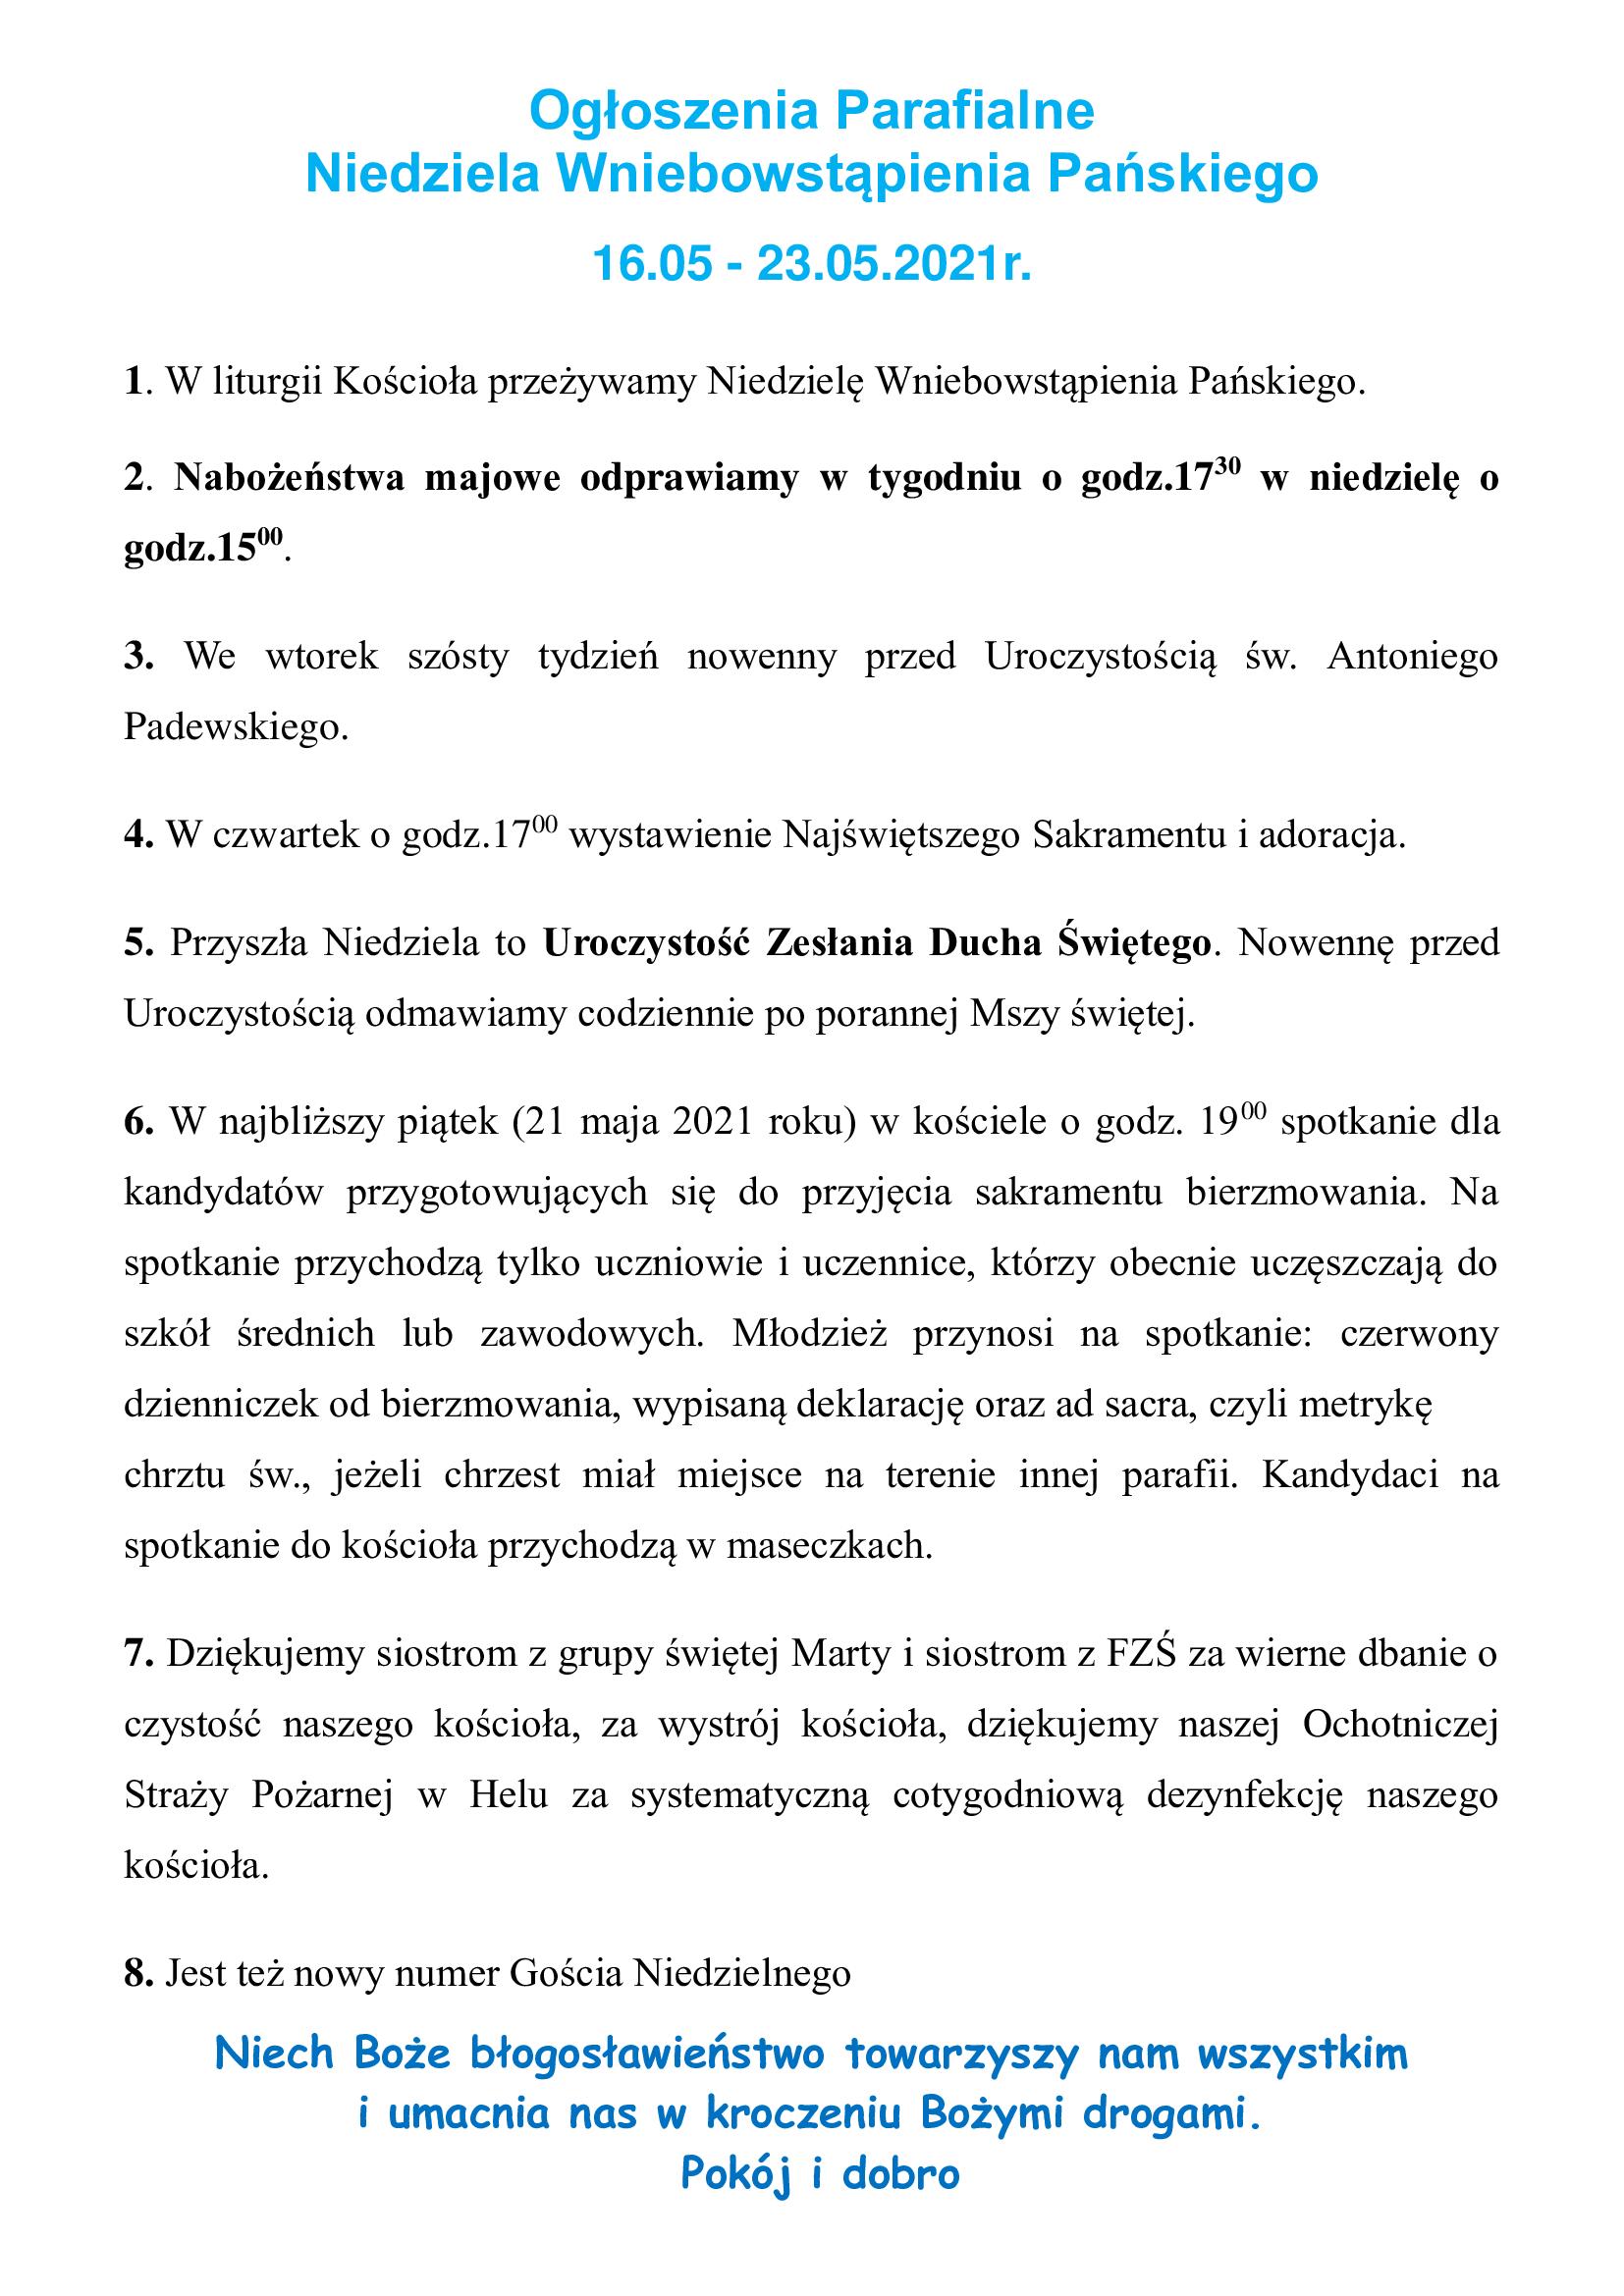 vii-uroczystosc-wniebowstapienia-panskiego-16-05-23-05-2021r